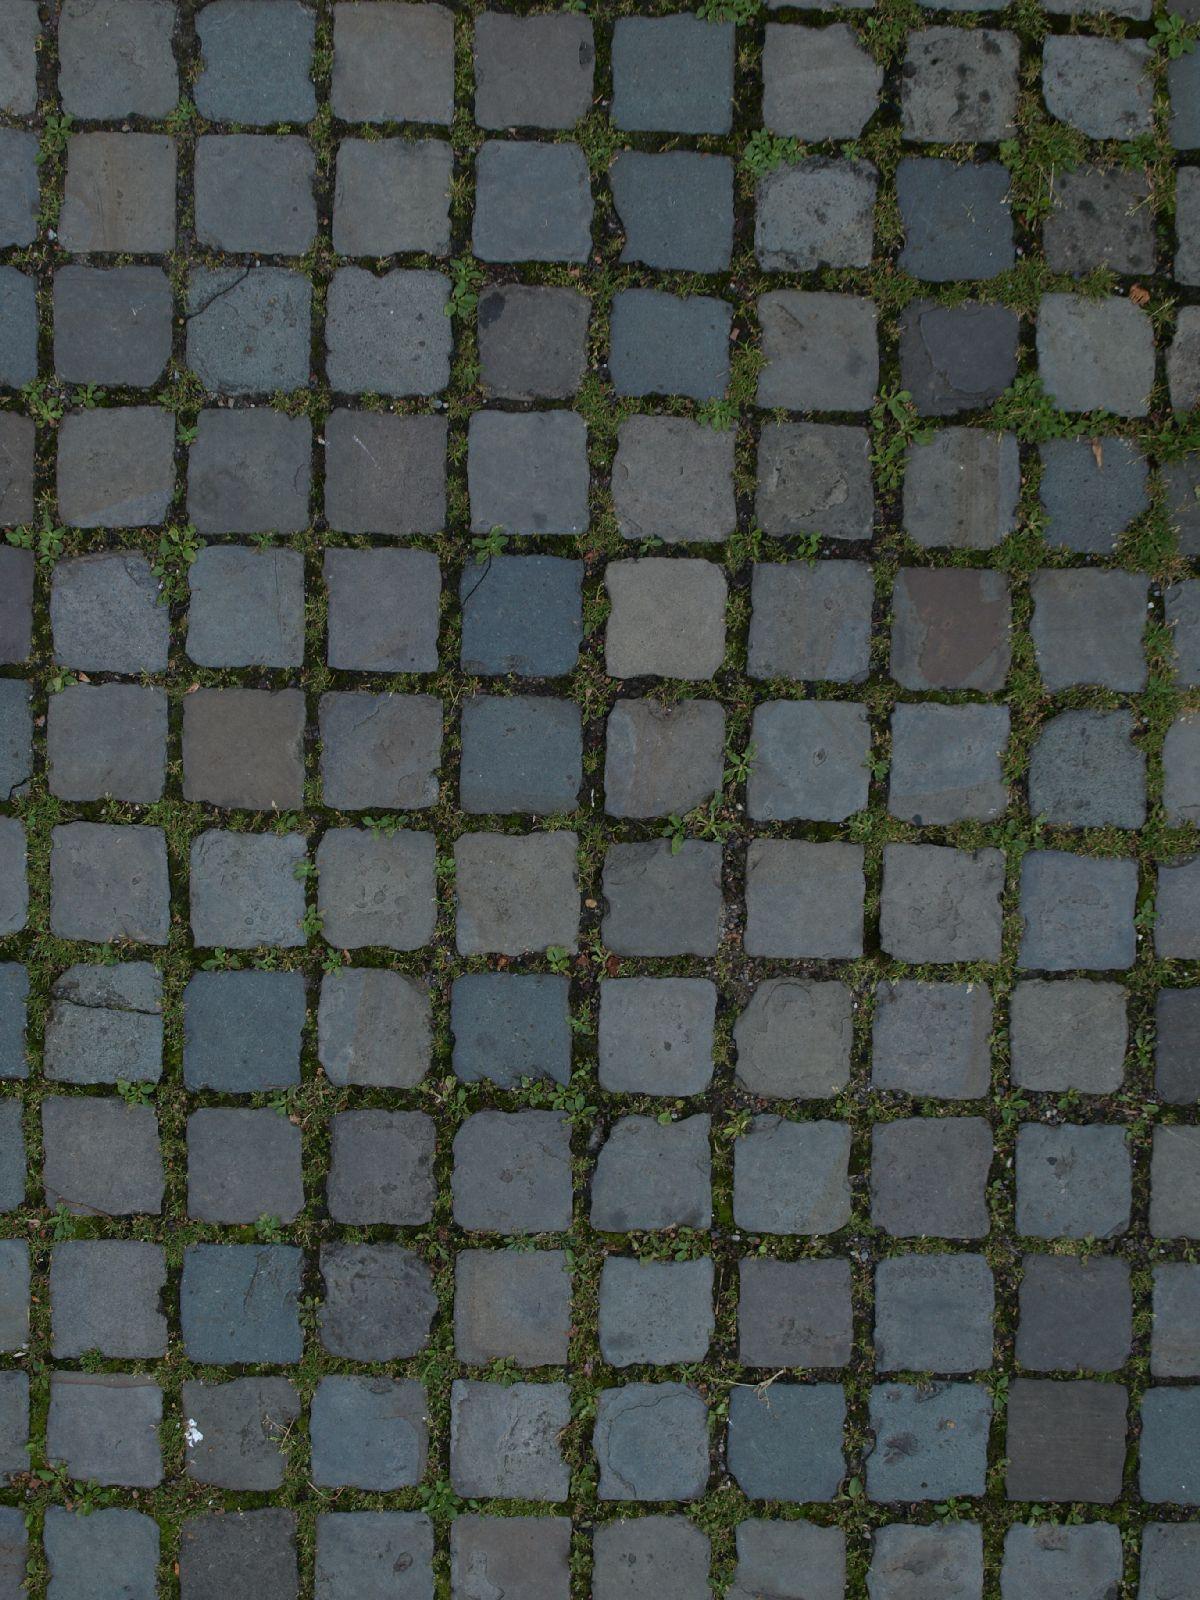 Ground-Urban_Texture_A_P8164433